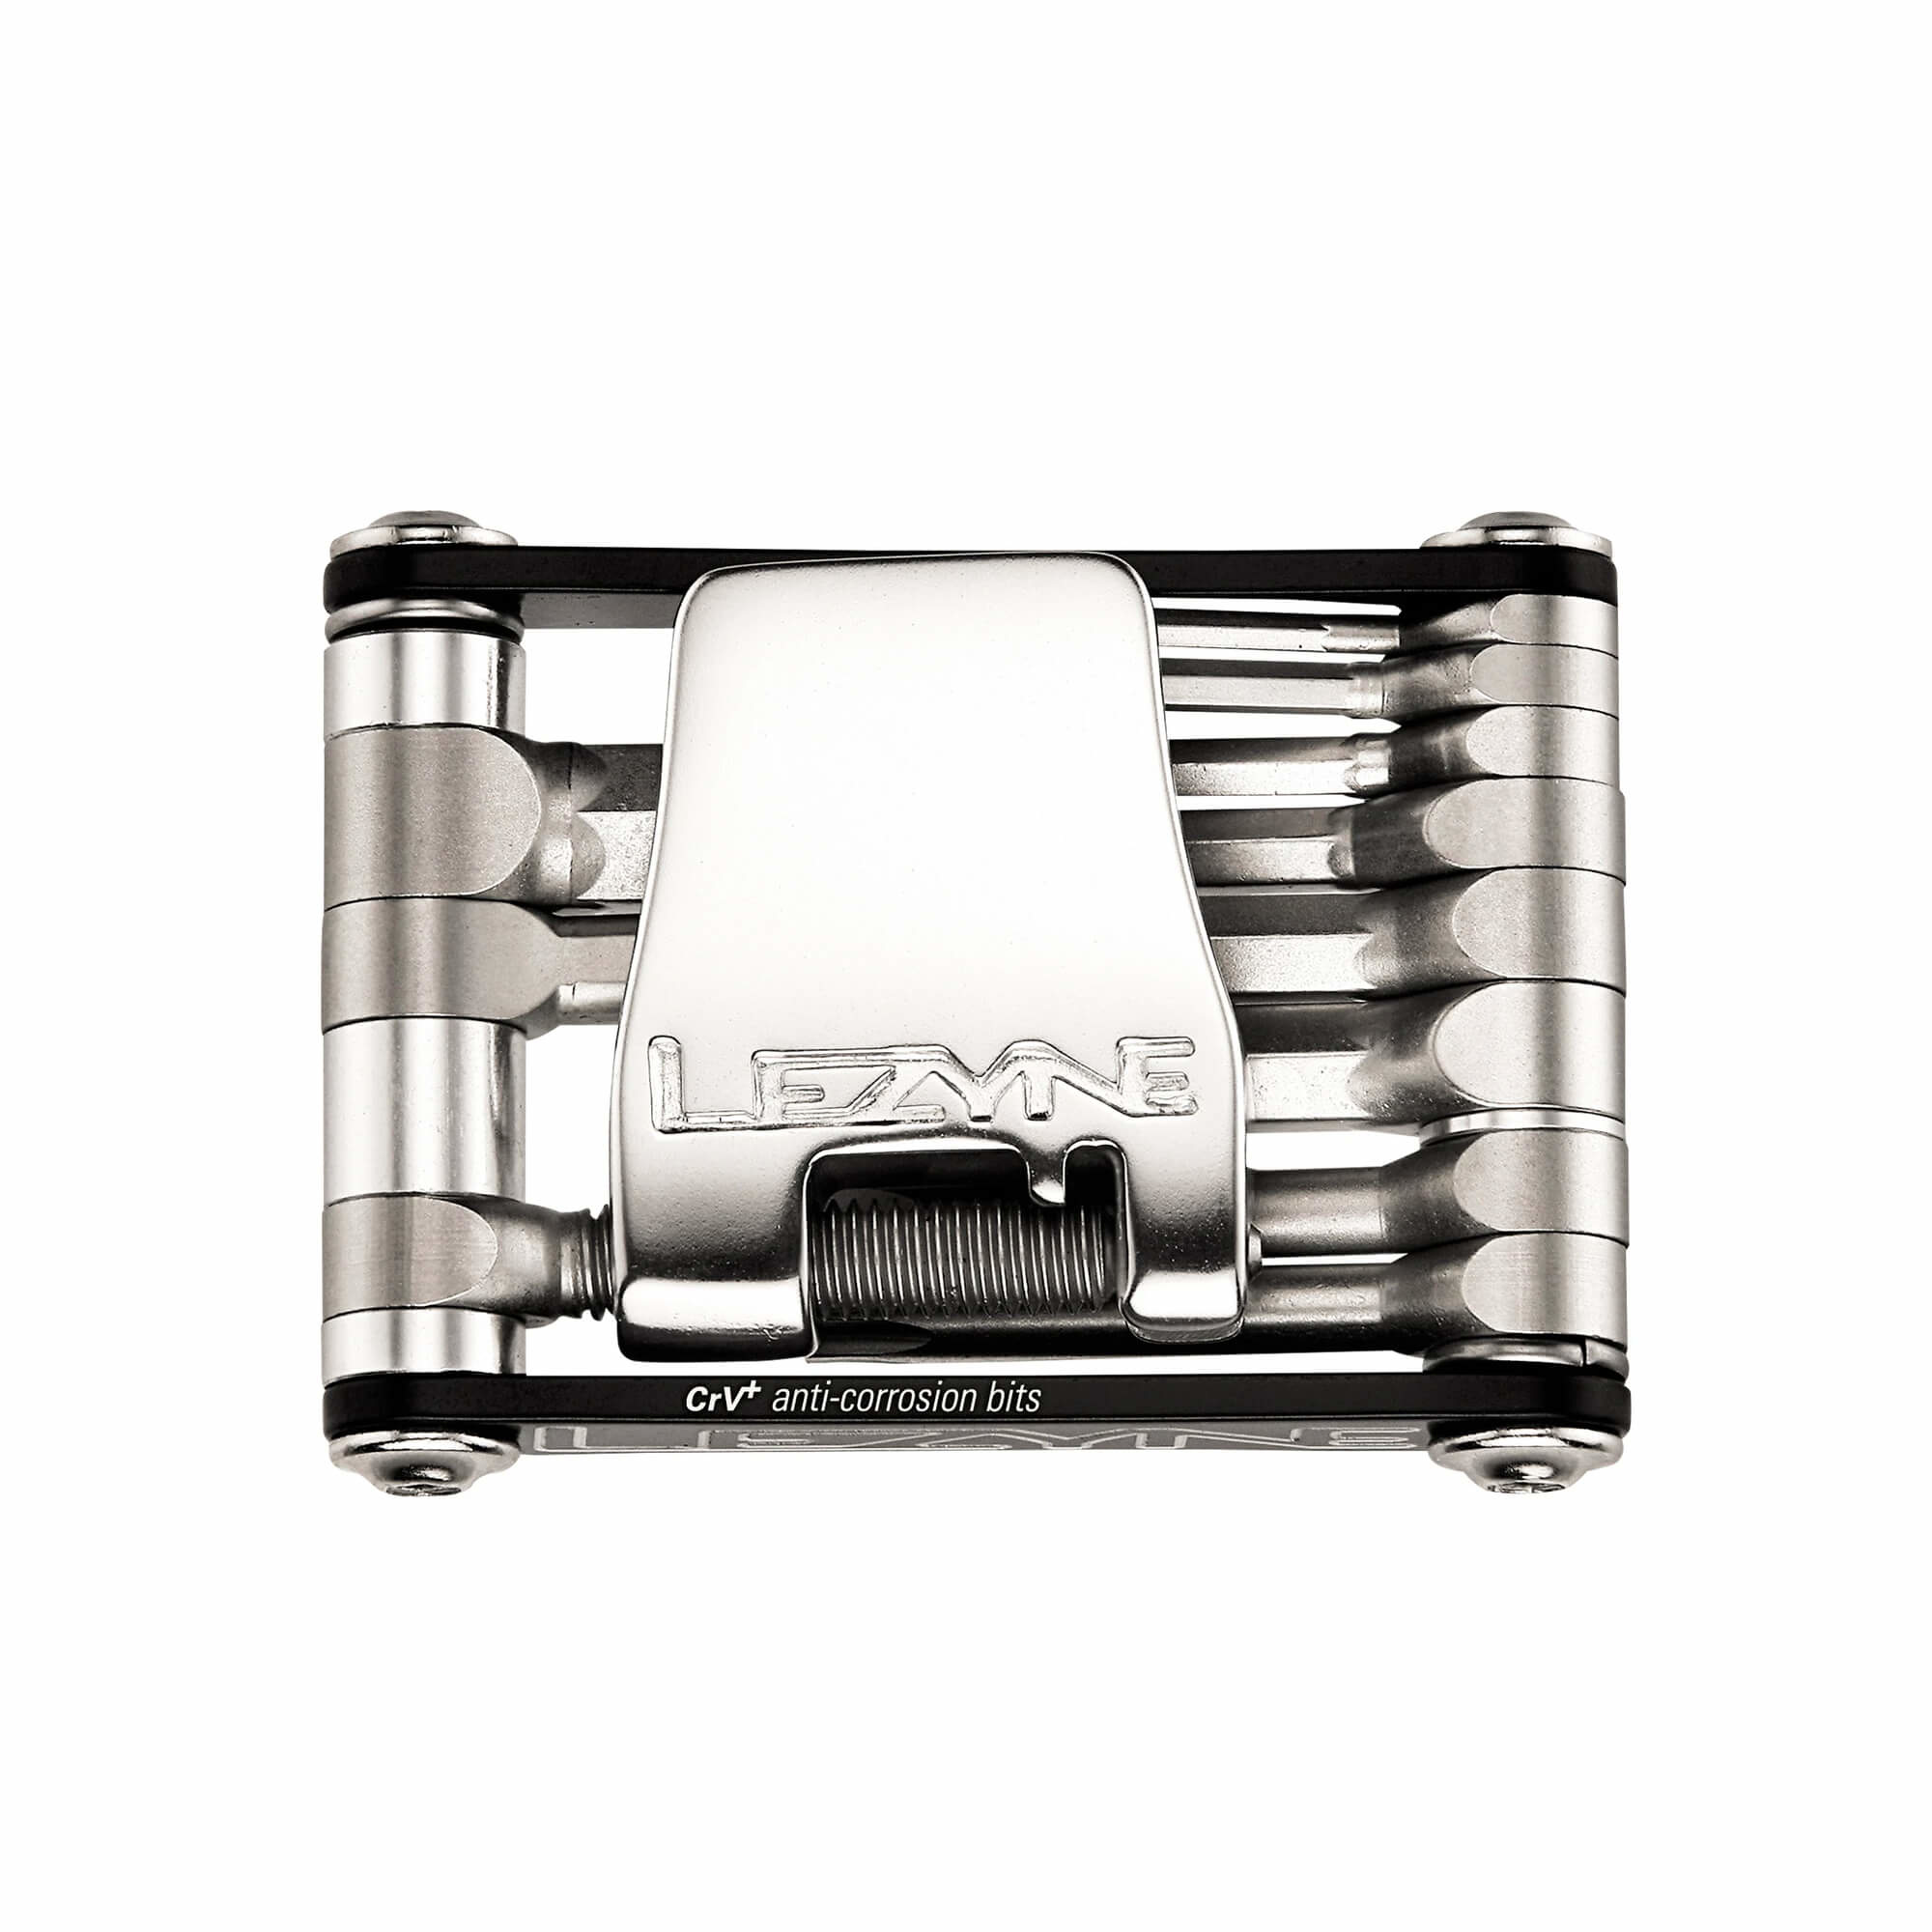 V 11 Mini Tool-2